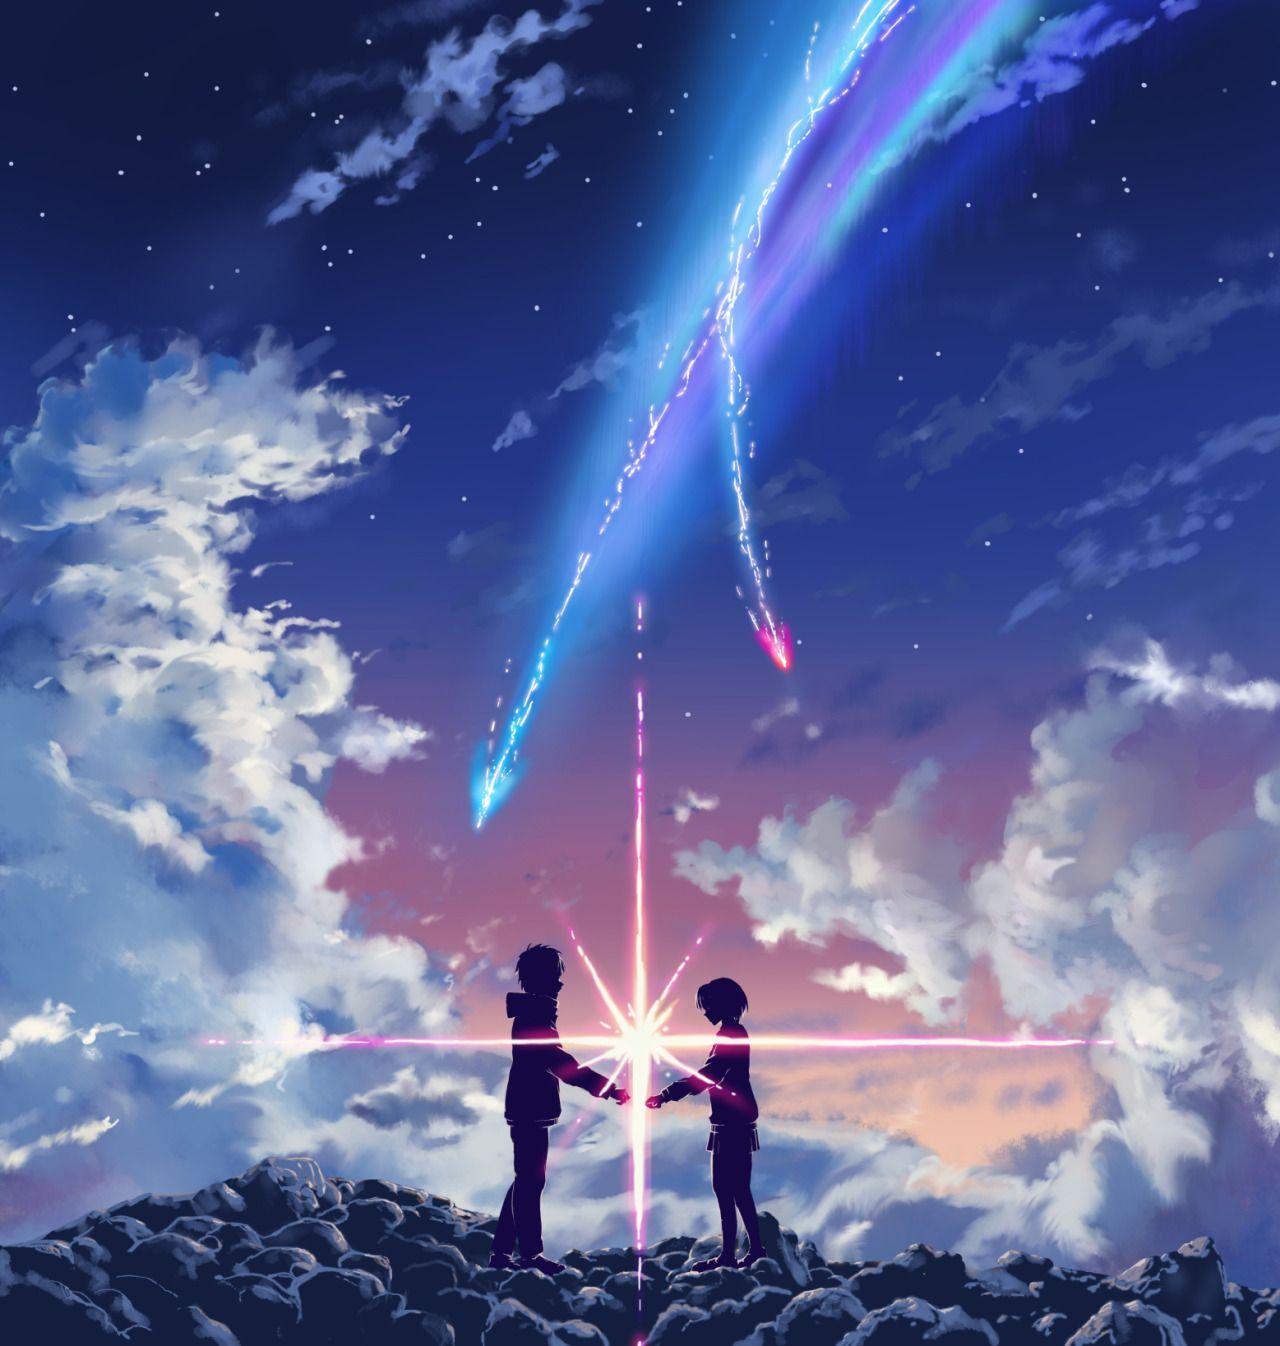 Kimi no nawa Pemandangan anime, Ilustrasi manga, Gambar